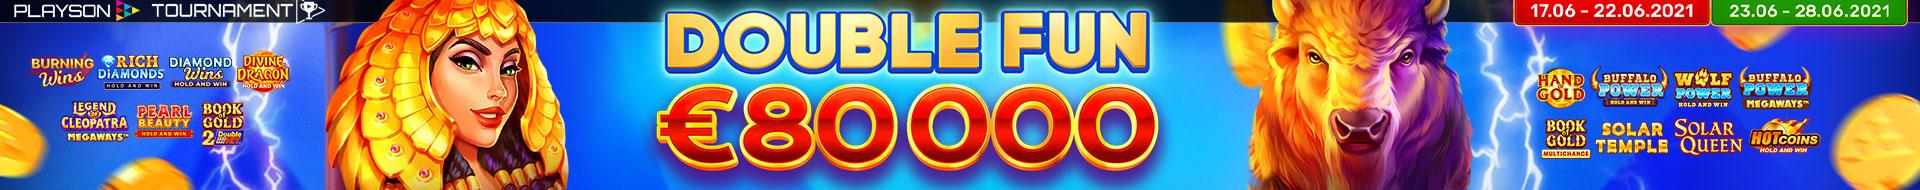 Double Fun 80K